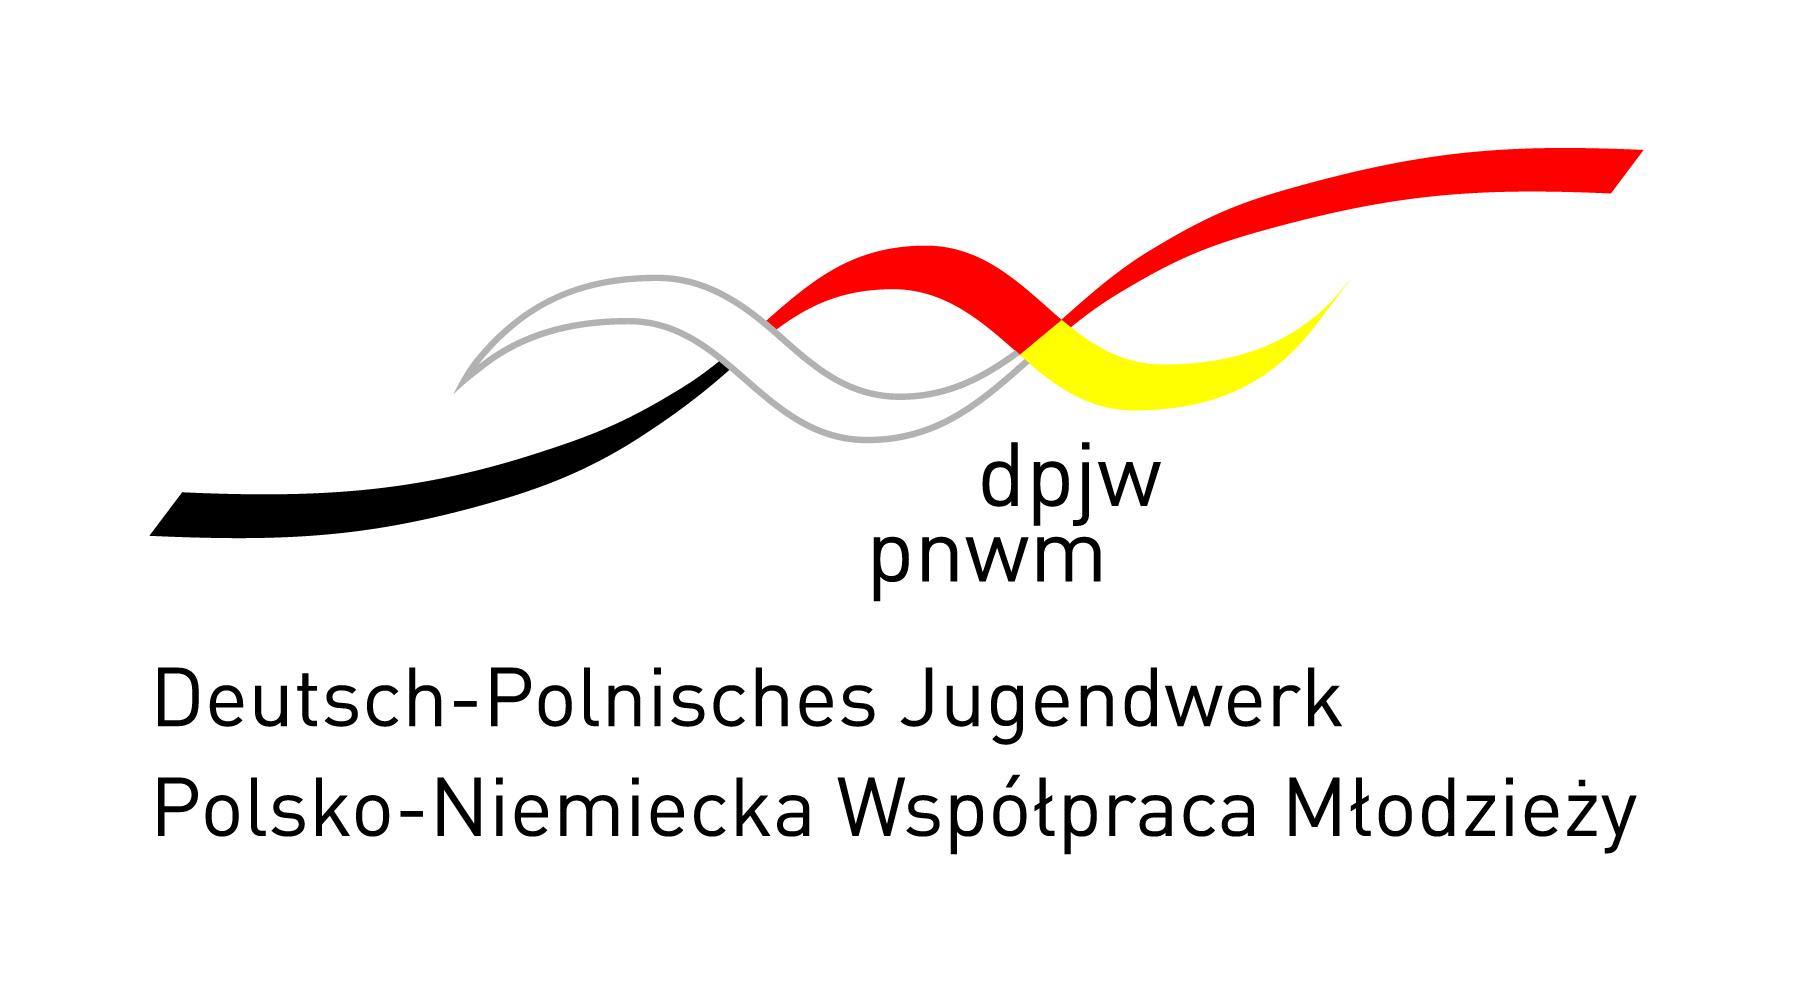 Deutsch-Polnisches Jugendwerk (DPJW)